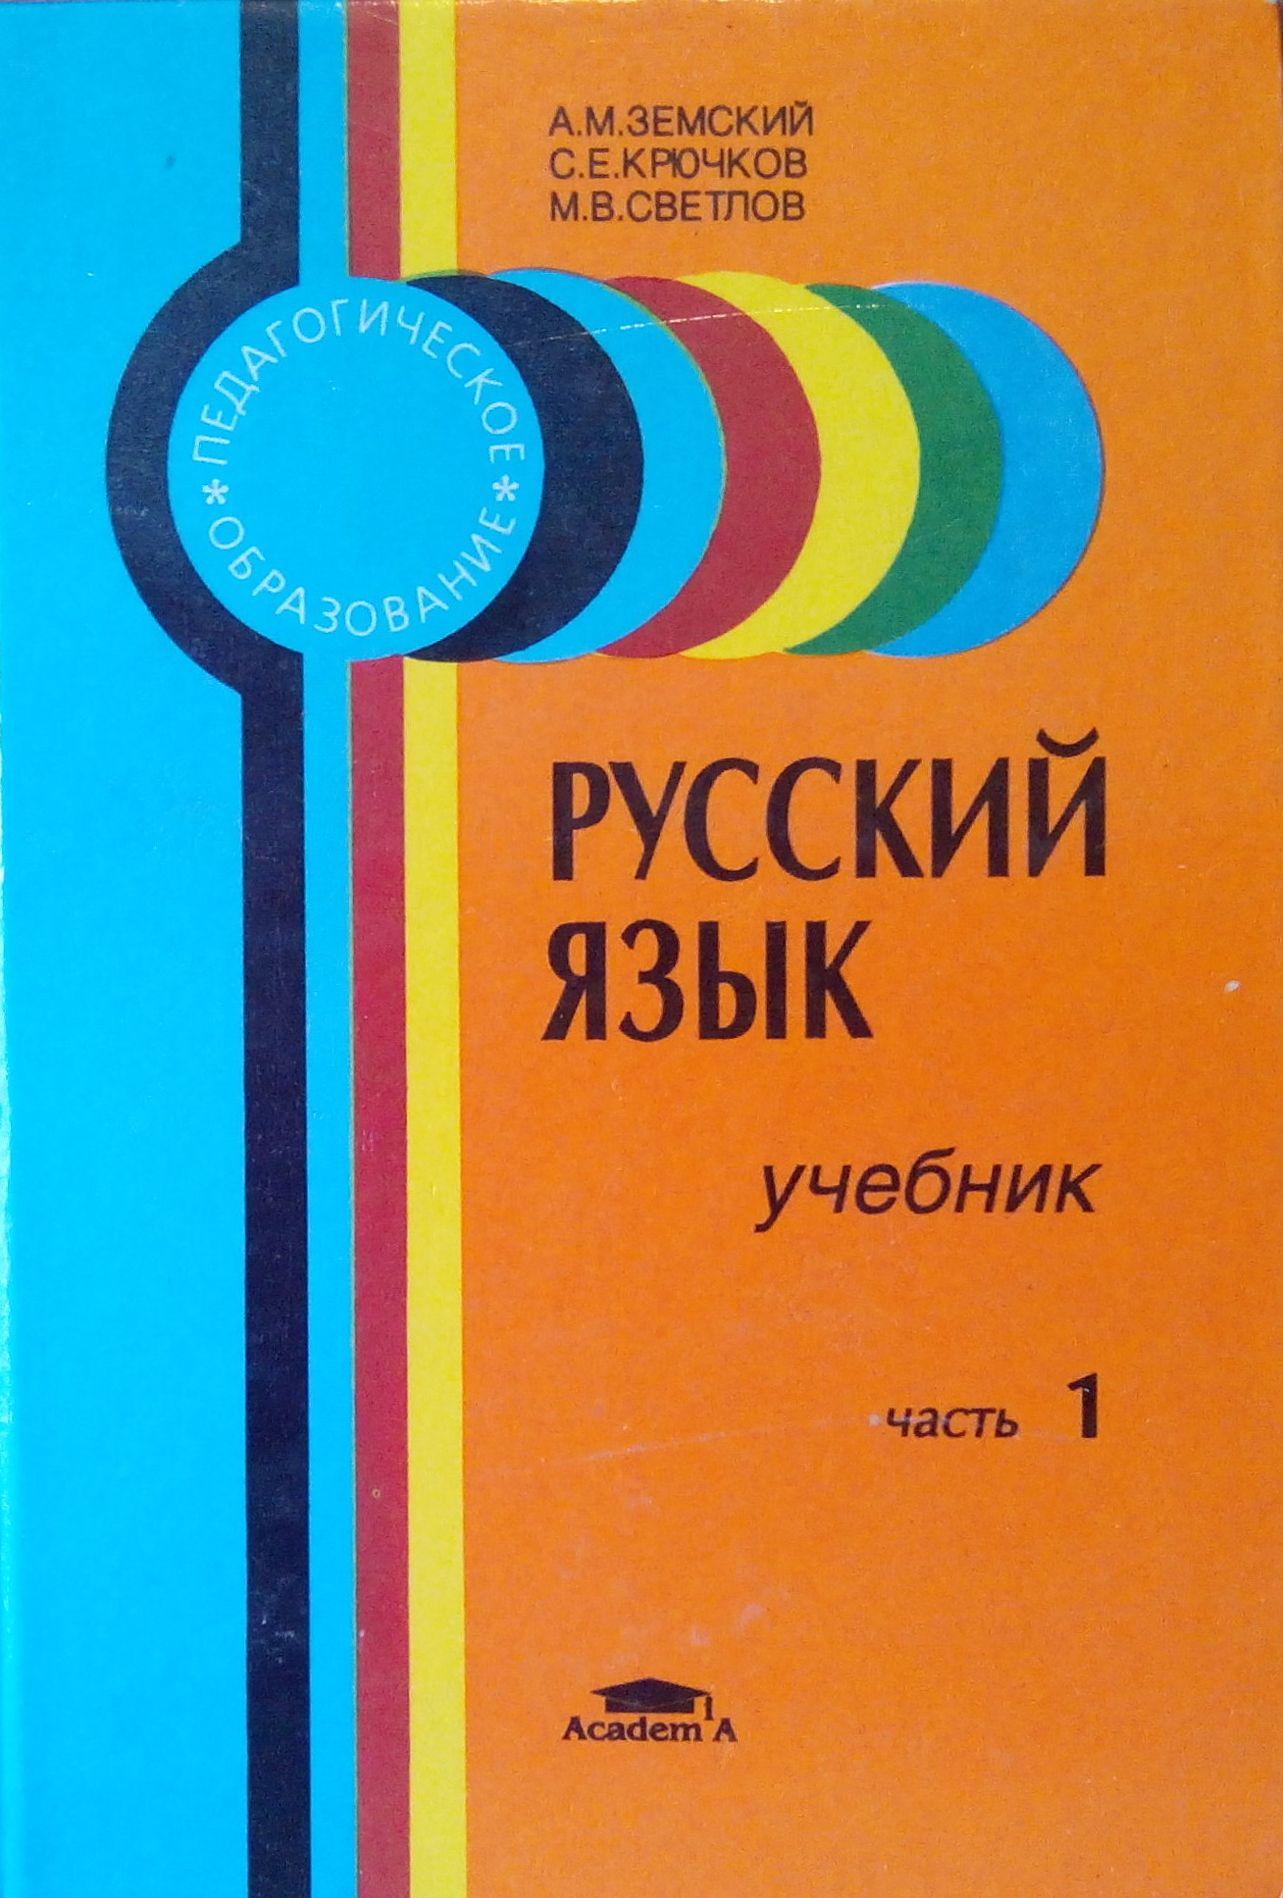 Русский язык. В 2 частях. Часть 2. Синтаксис. Андрей земский.